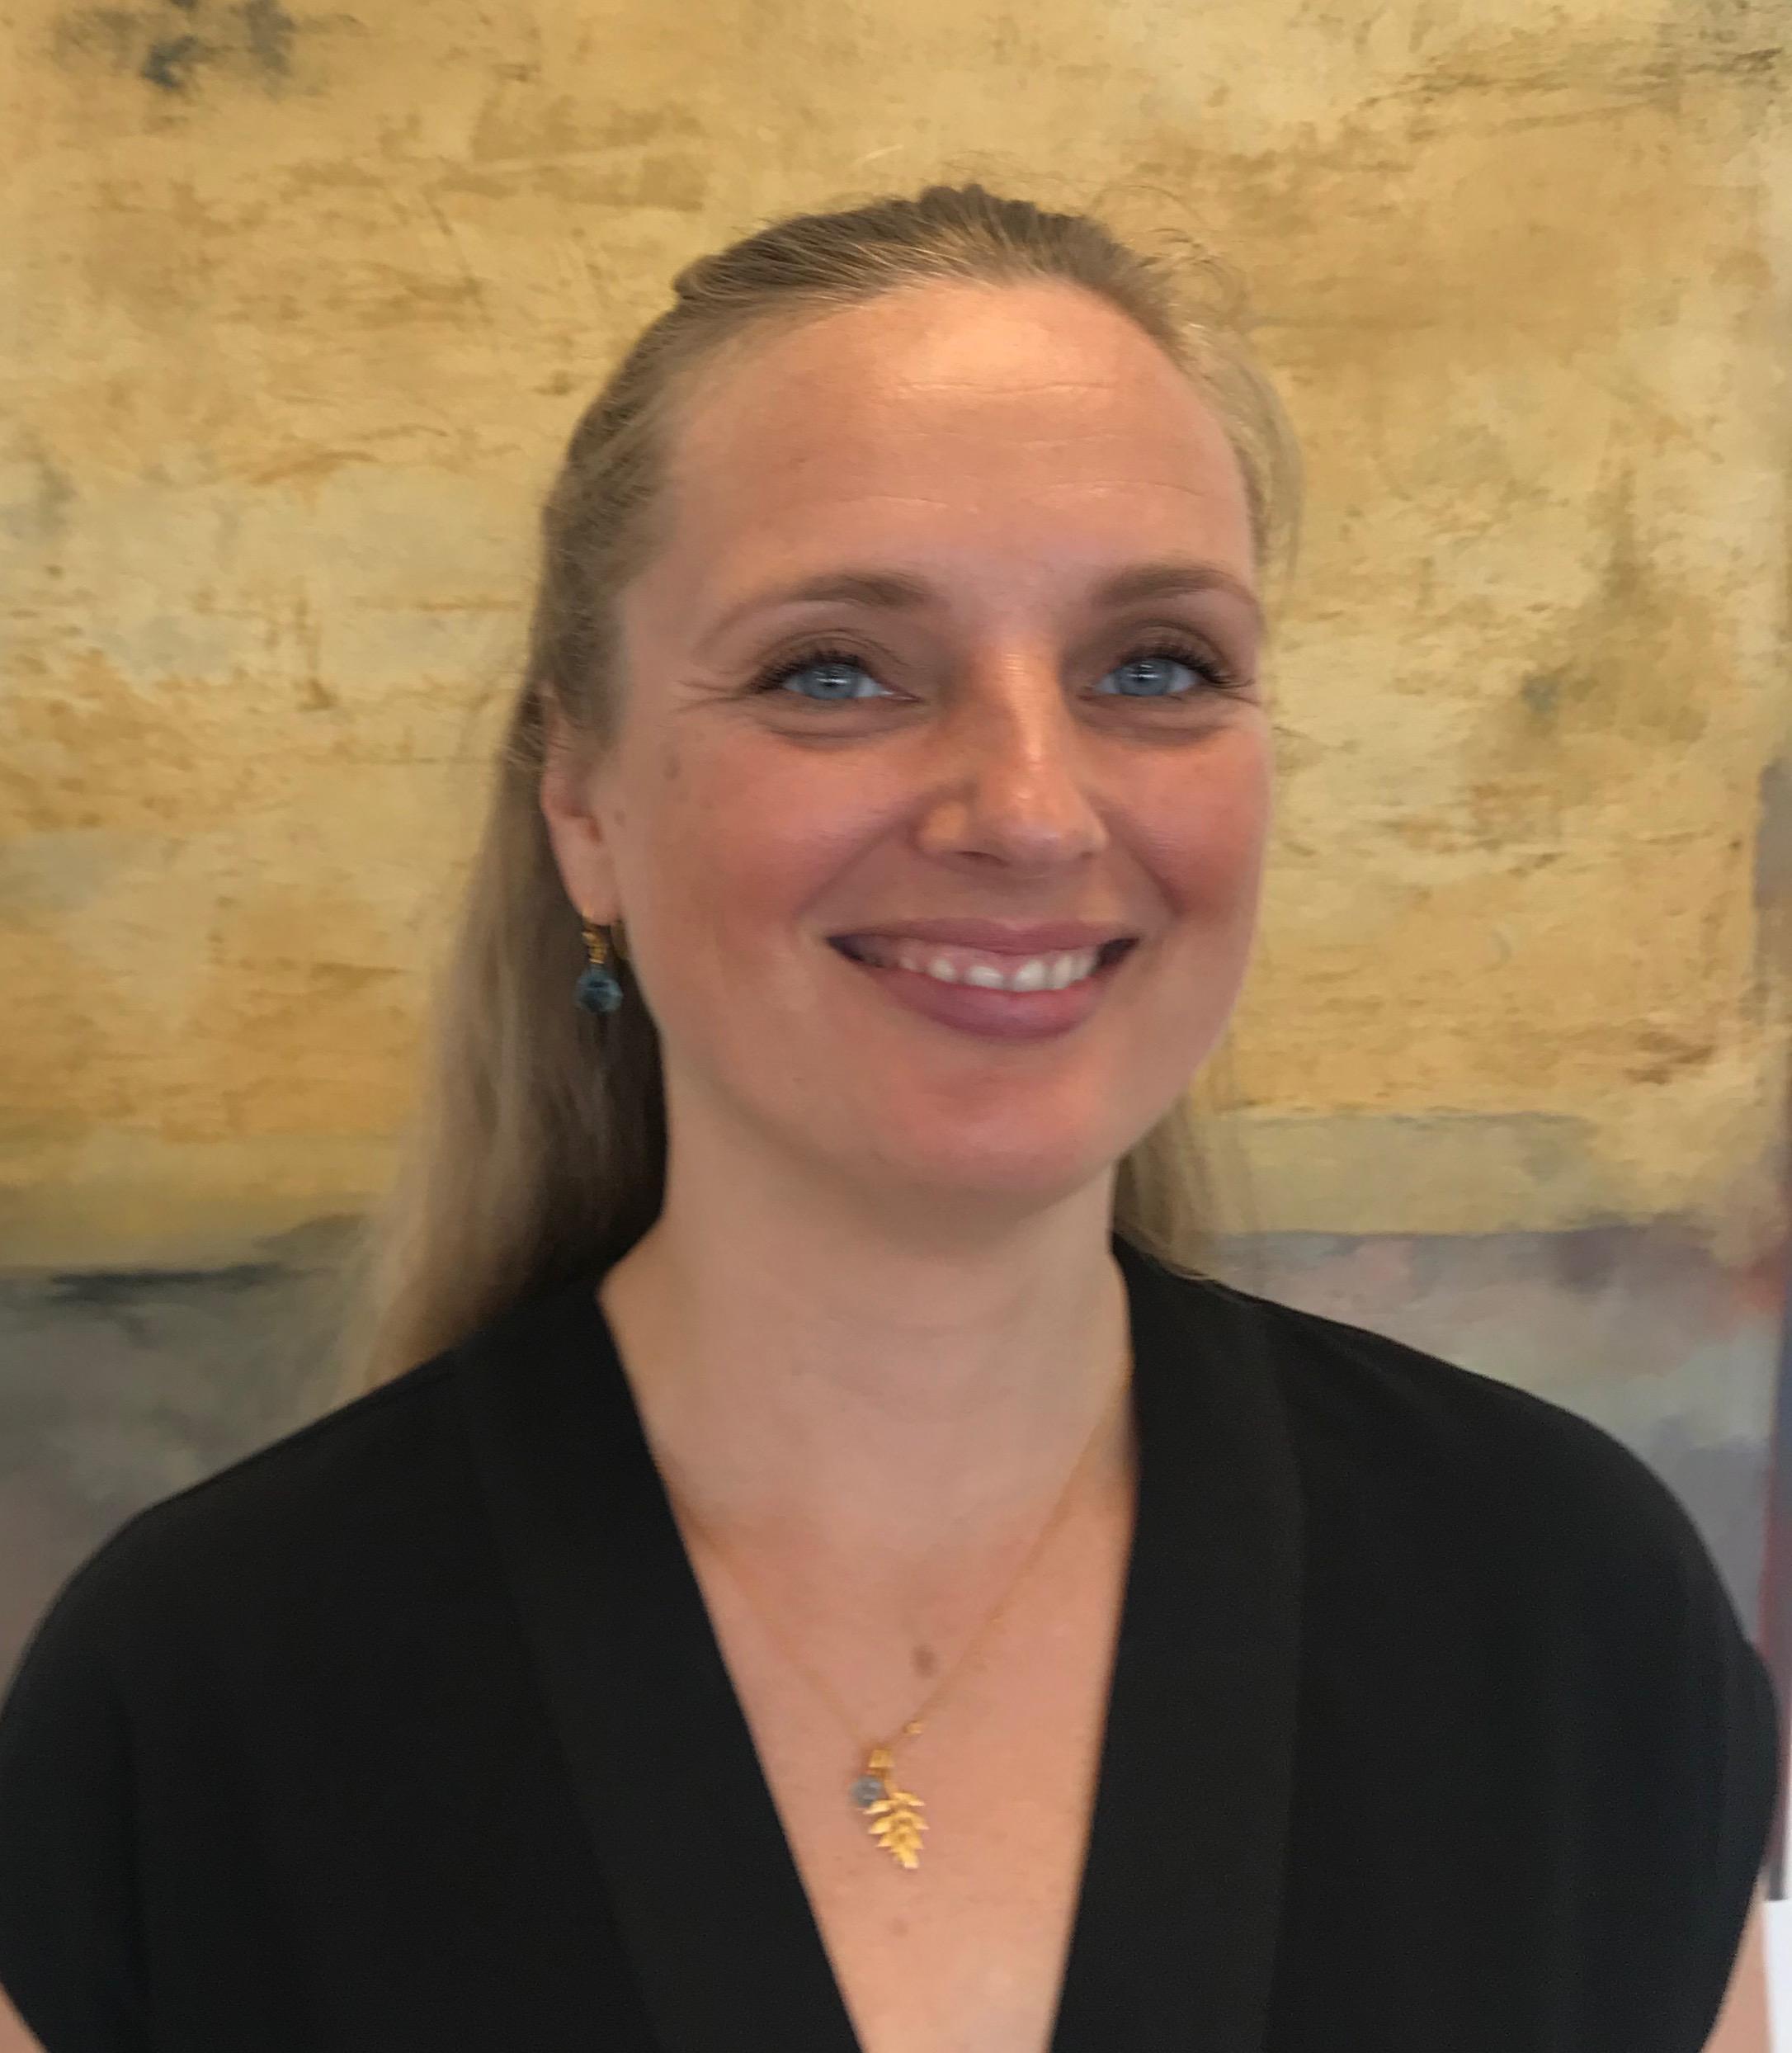 Bettina Cortsen